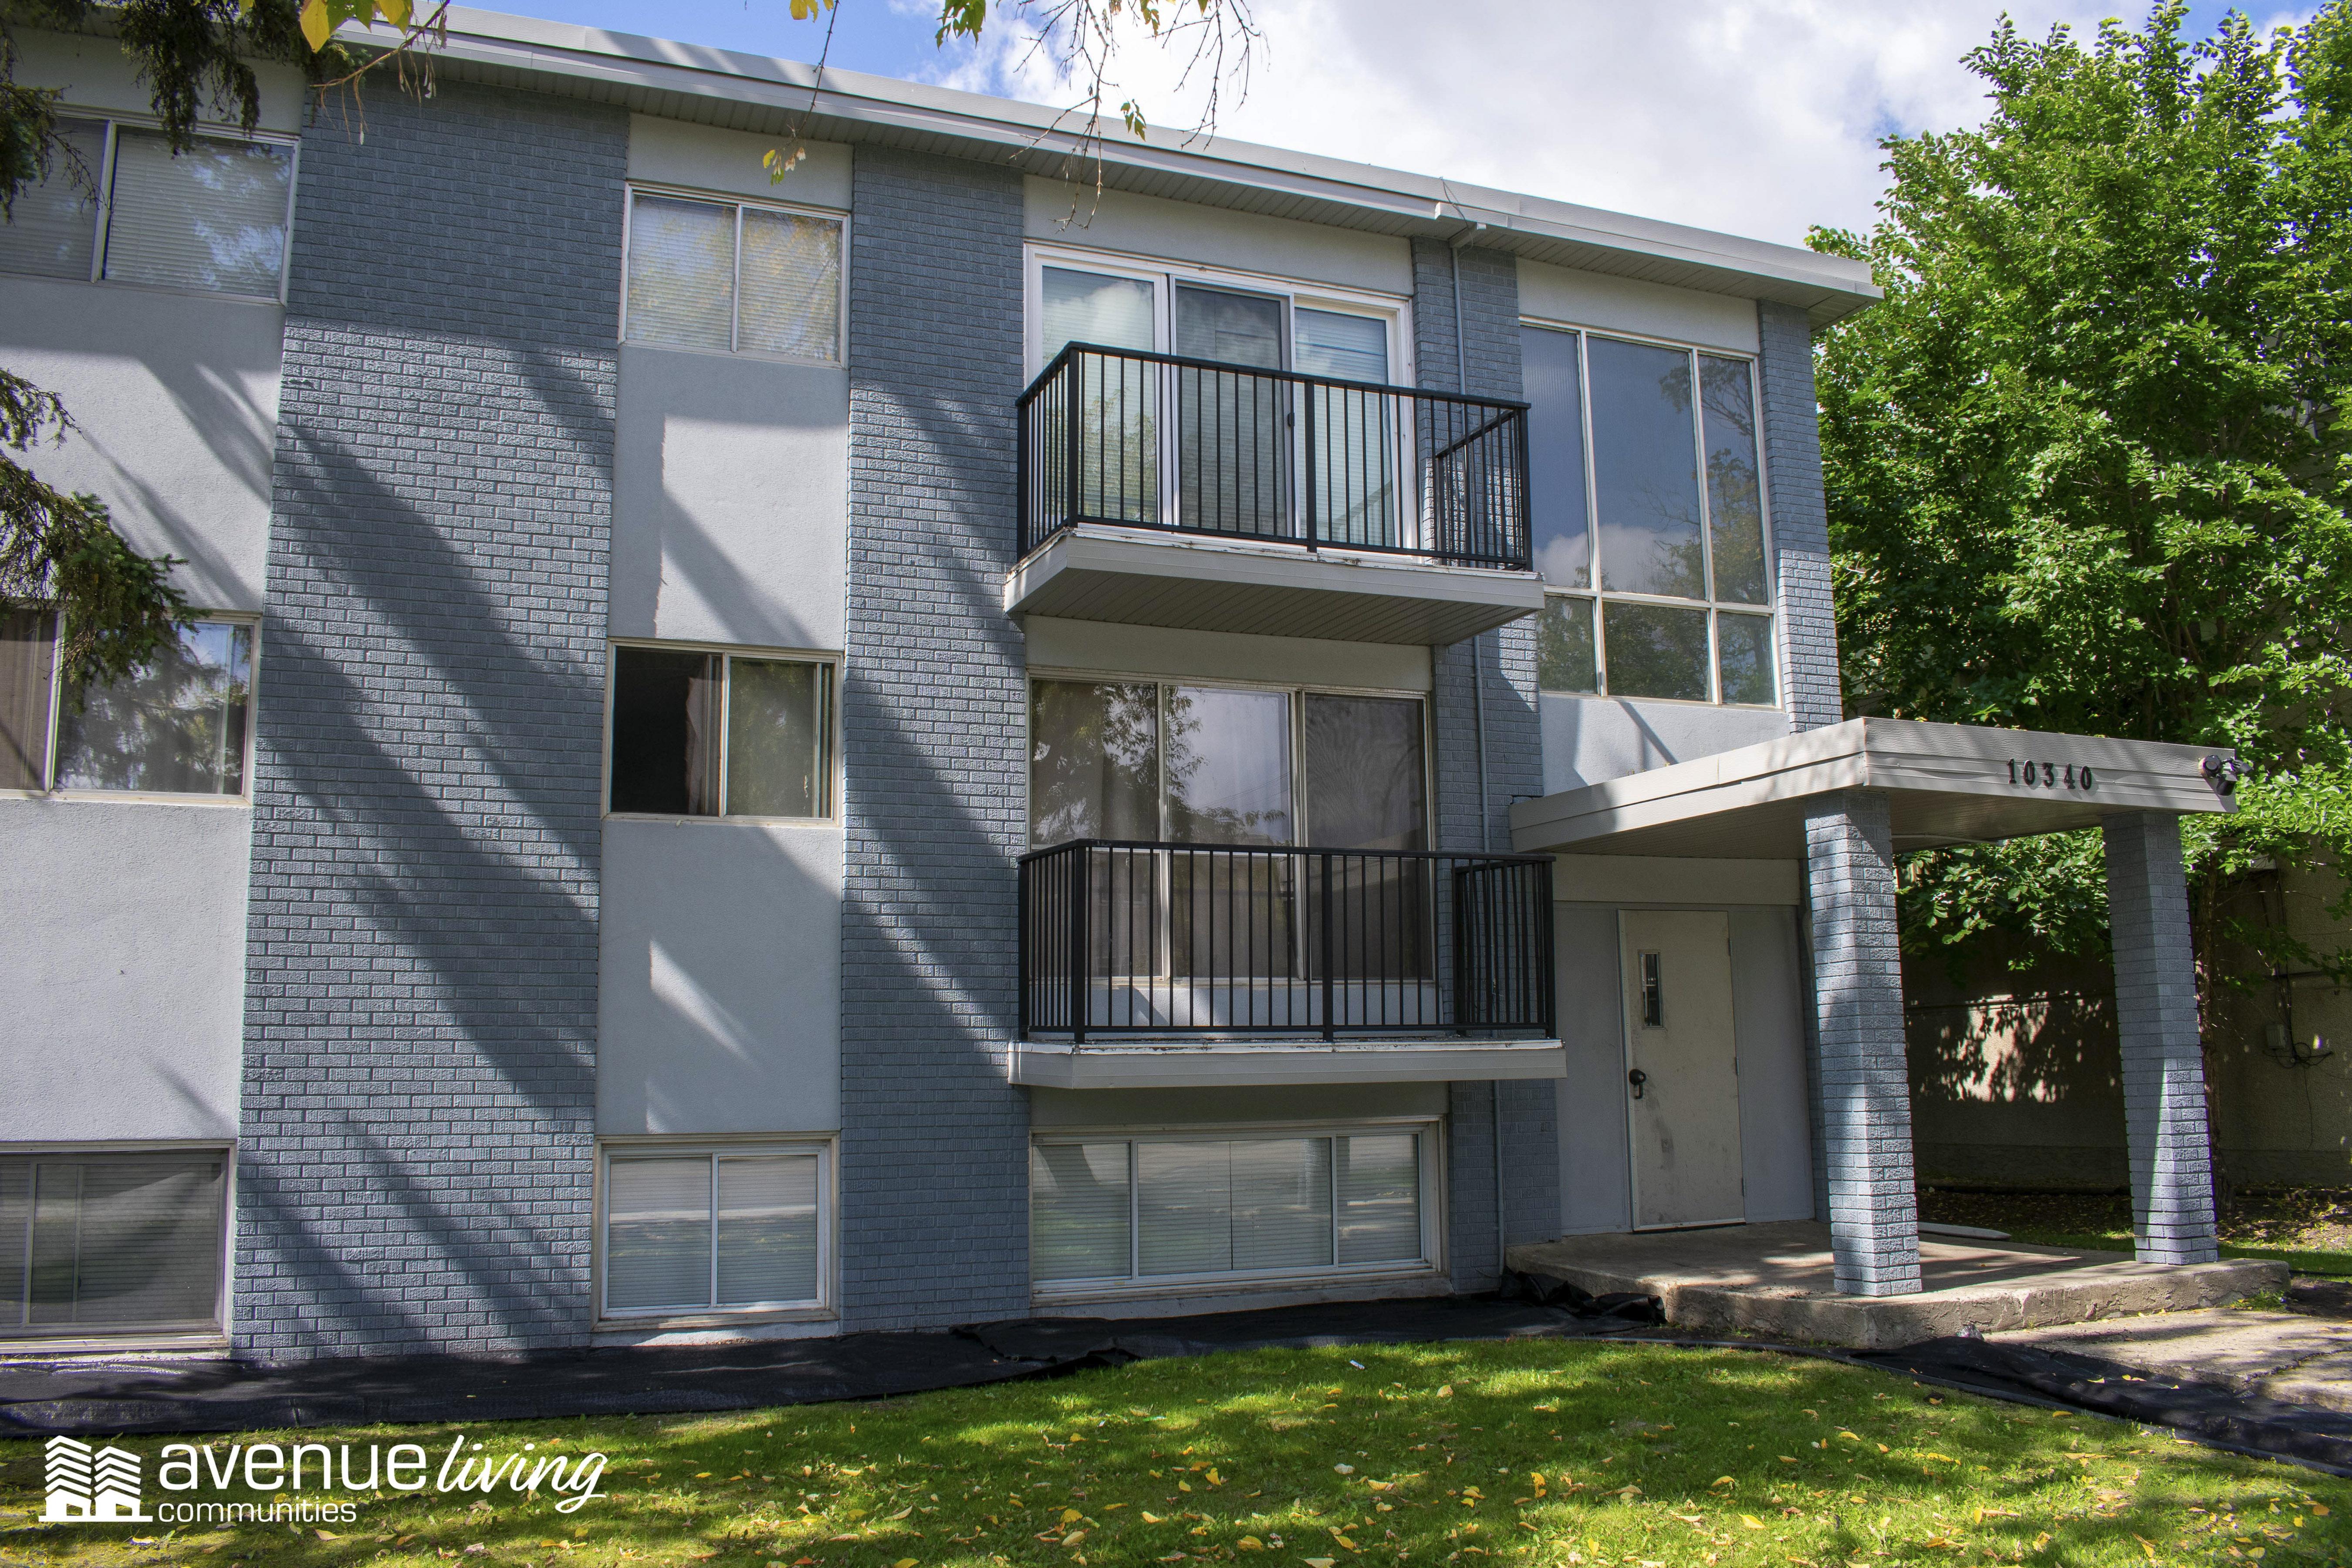 Pleasing Classic 2 Bedroom Residential For Rent In Edmonton Best Image Libraries Weasiibadanjobscom